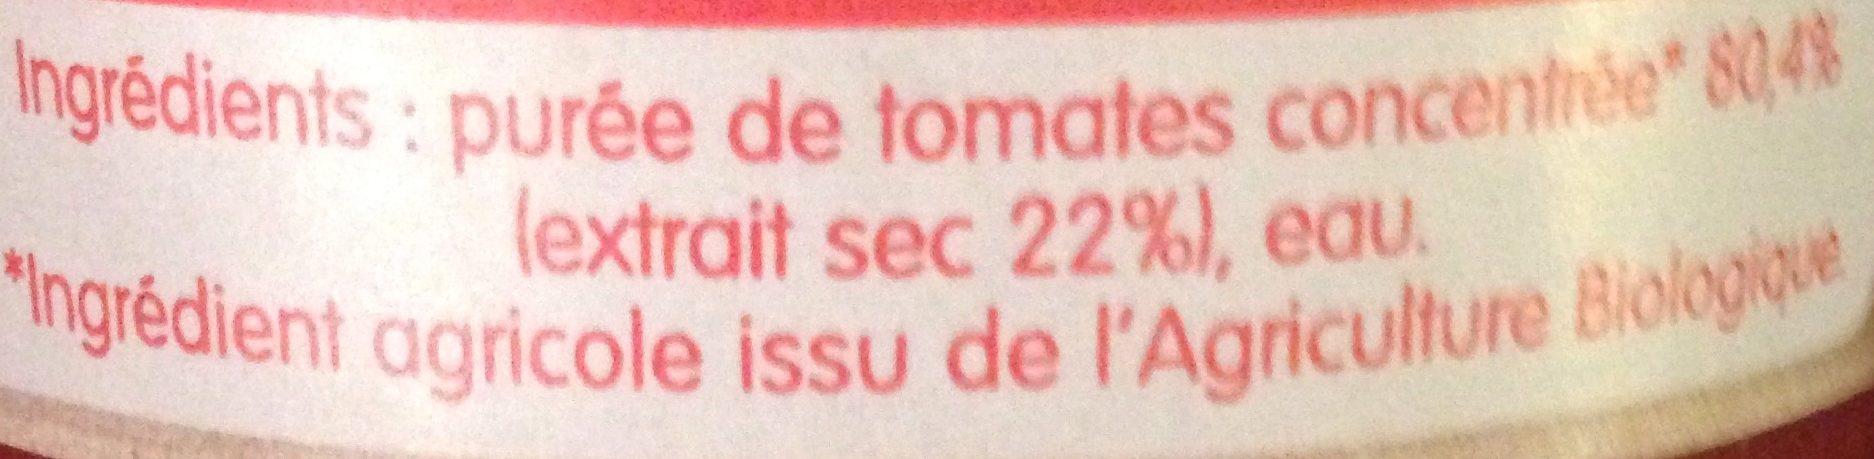 Concentré de tomates - Ingrédients - fr